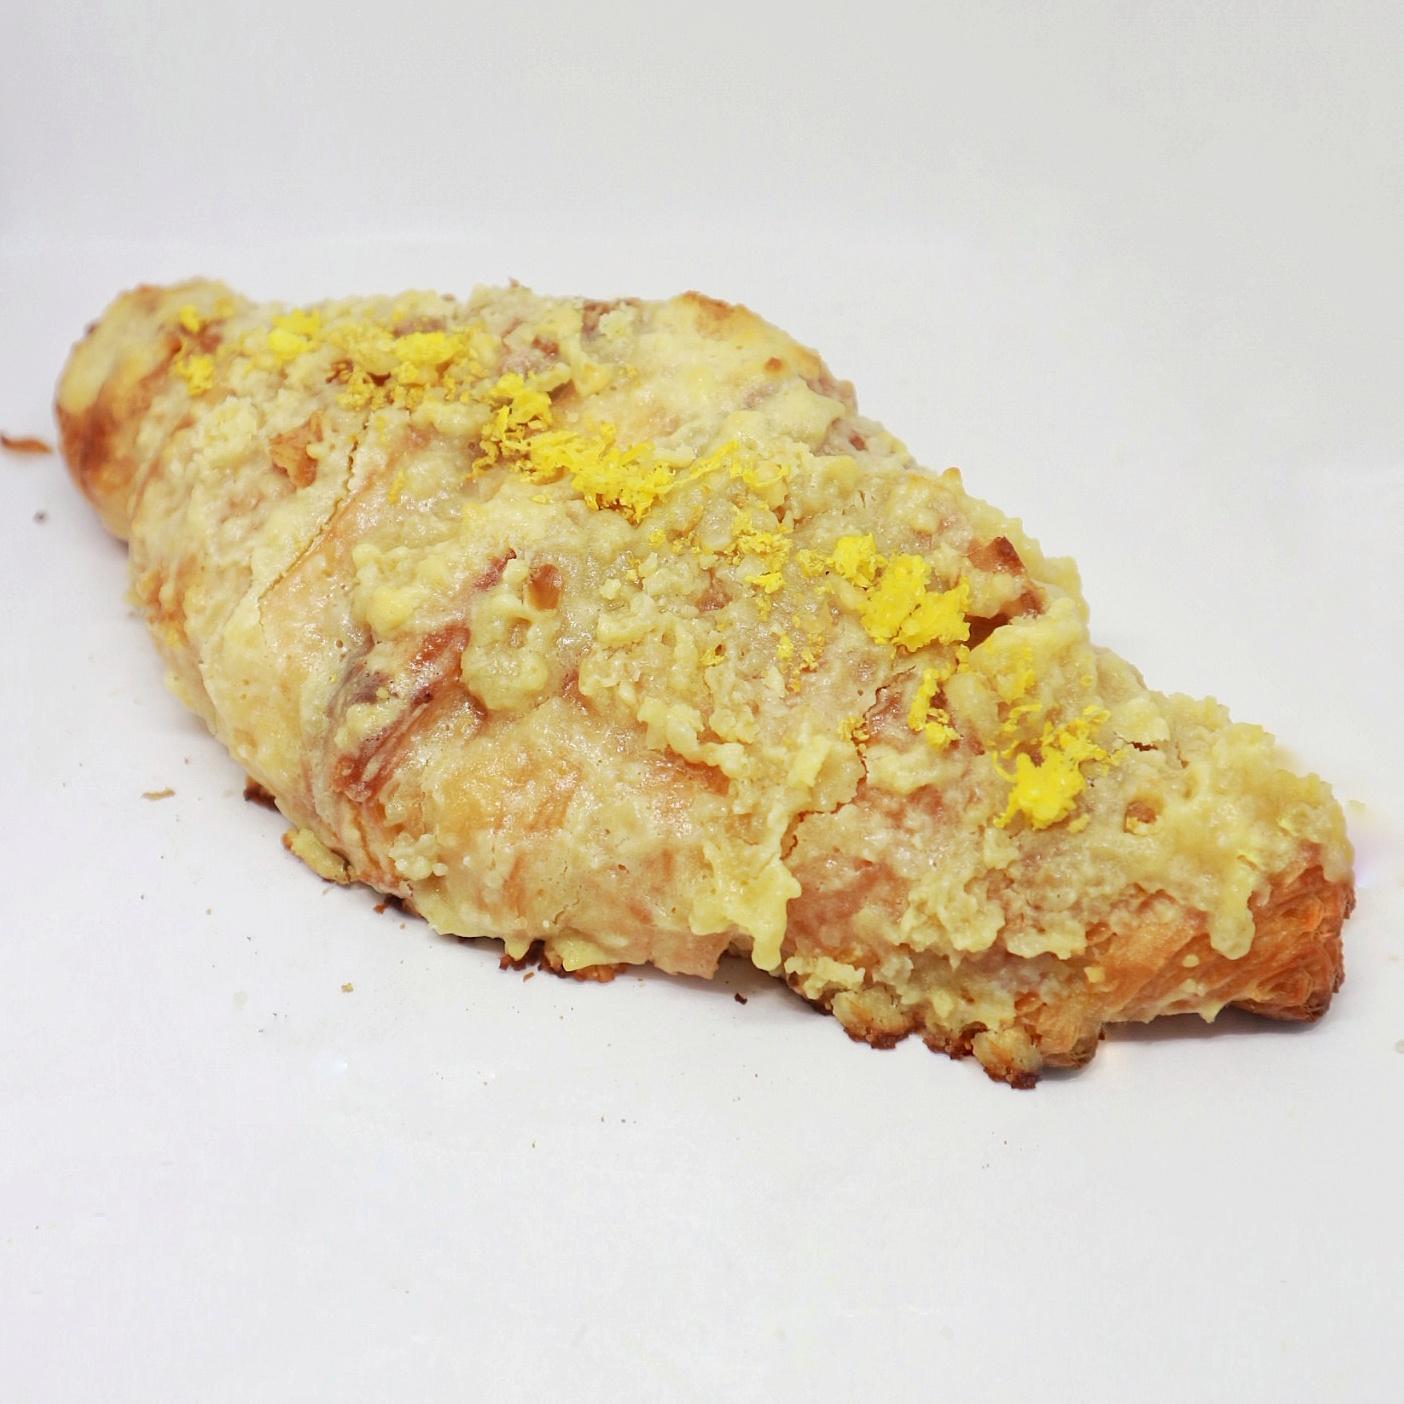 Lemon Croissant - Rp. 20.000,-